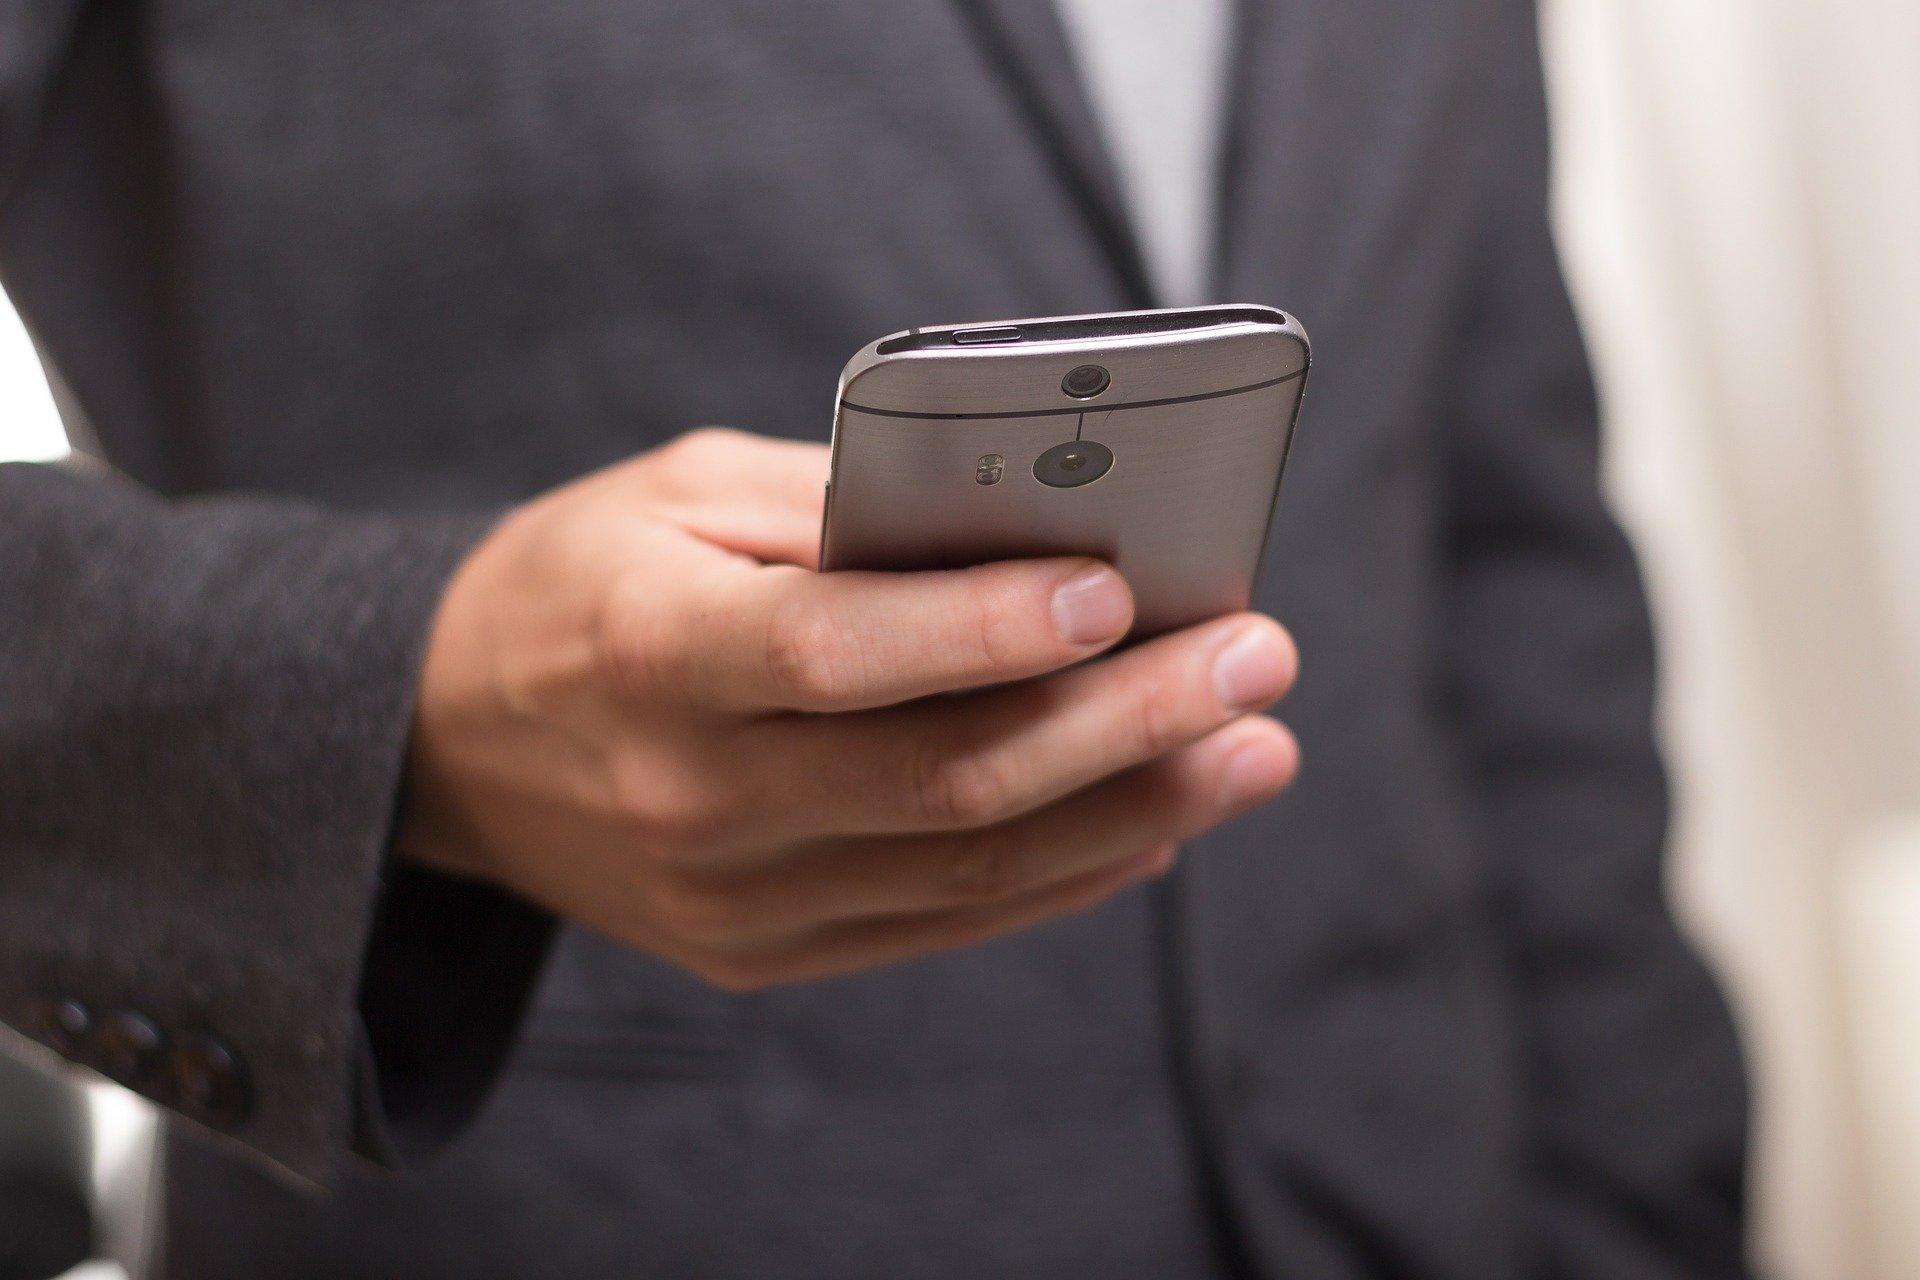 Francja: Fiasko aplikacji StopCovid. Tylko 14 powiadomień o zagrożeniu